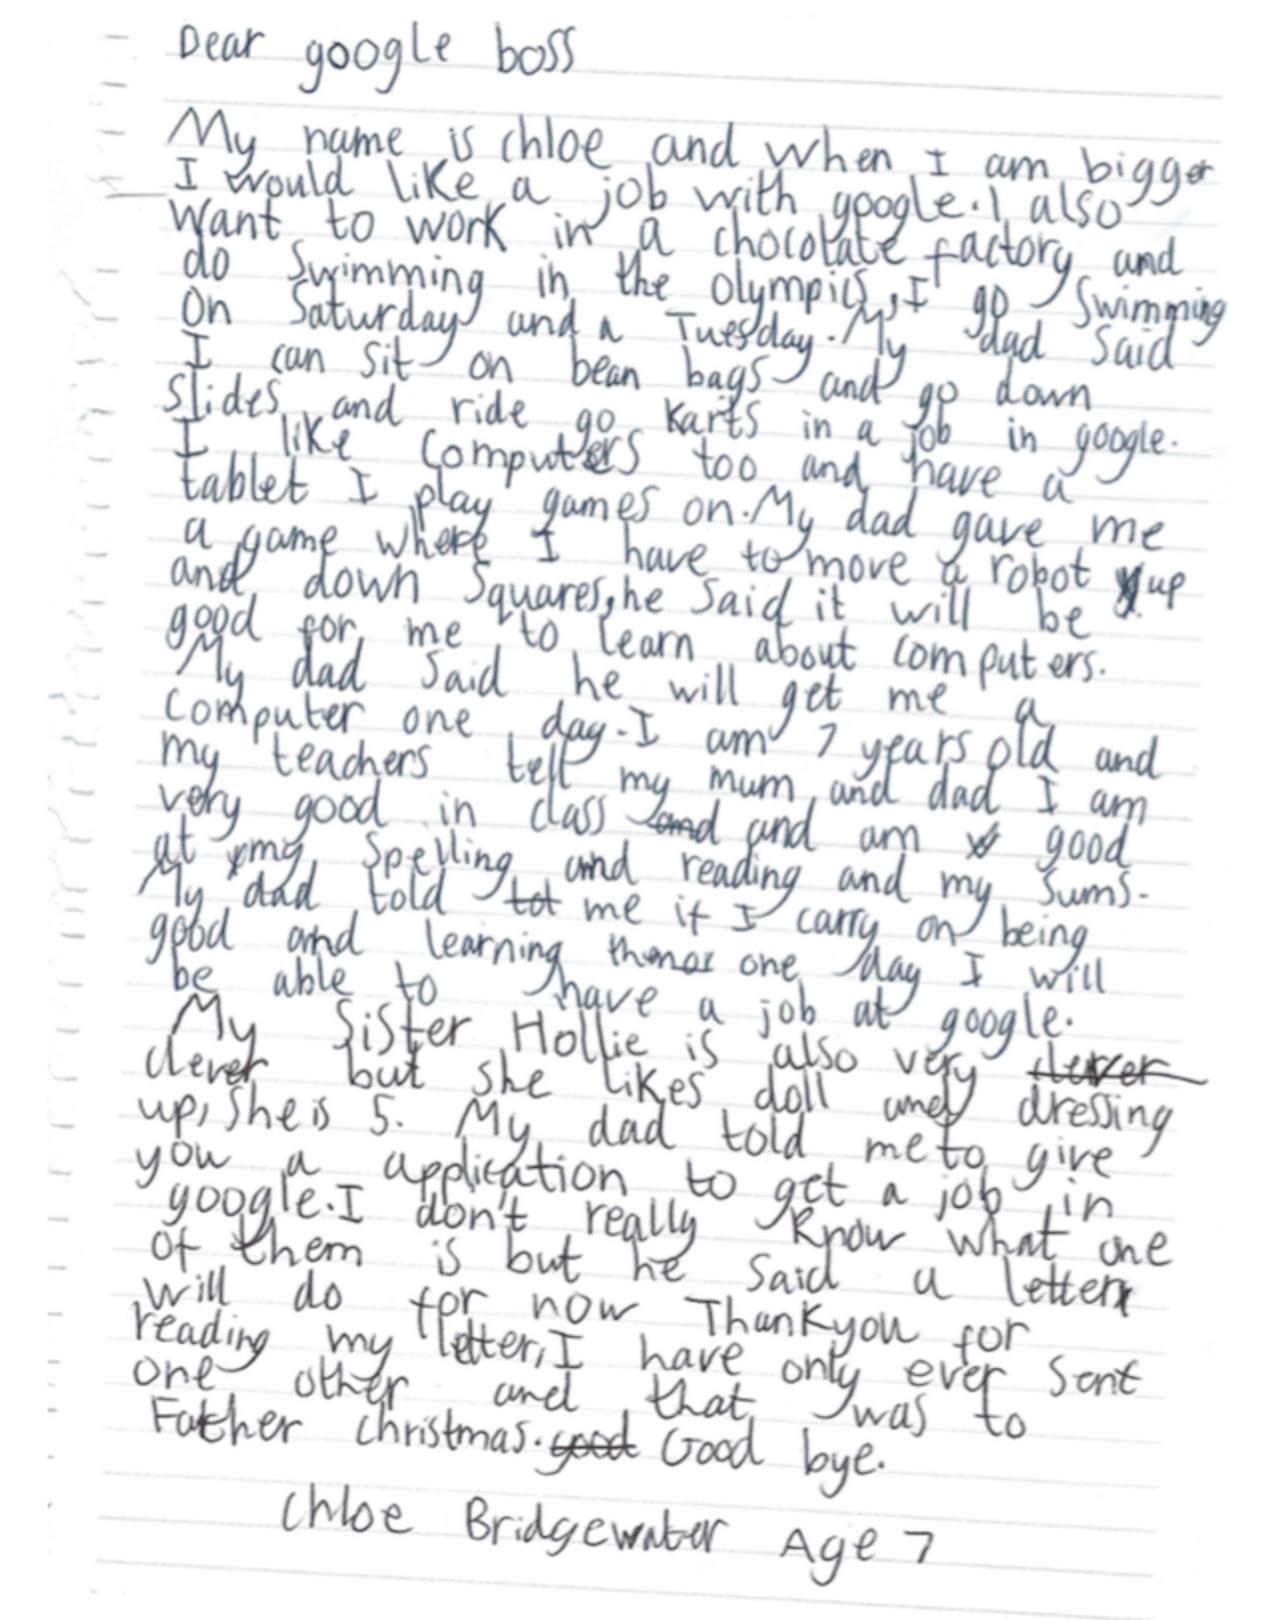 7-летняя девочка отправила свое резюме наработу вGoogle